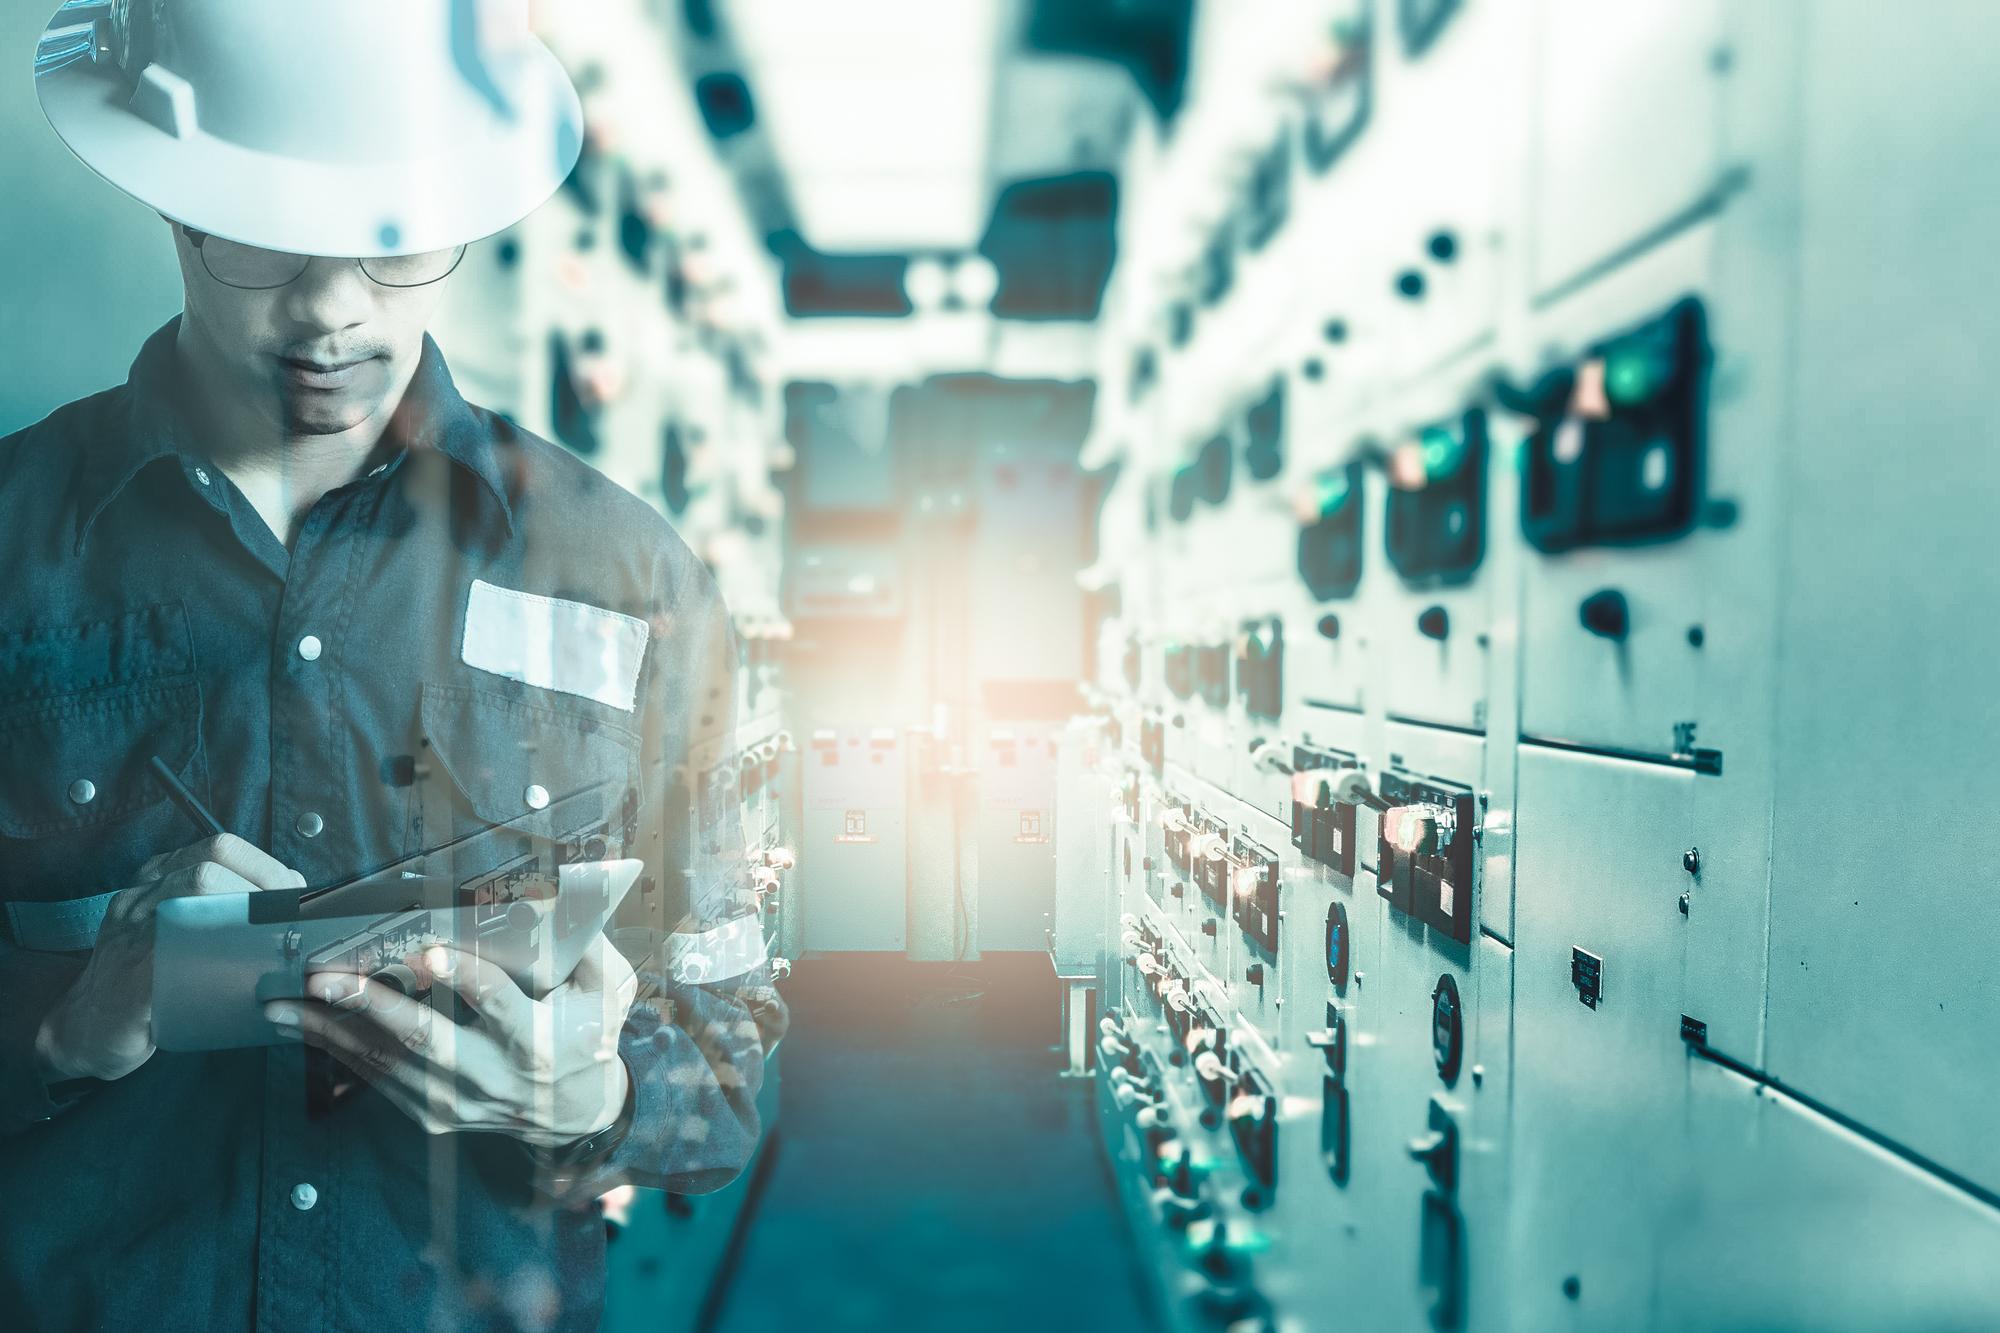 インフラエンジニアのスキルアップに役立つ副業・派遣の探し方イメージ画像